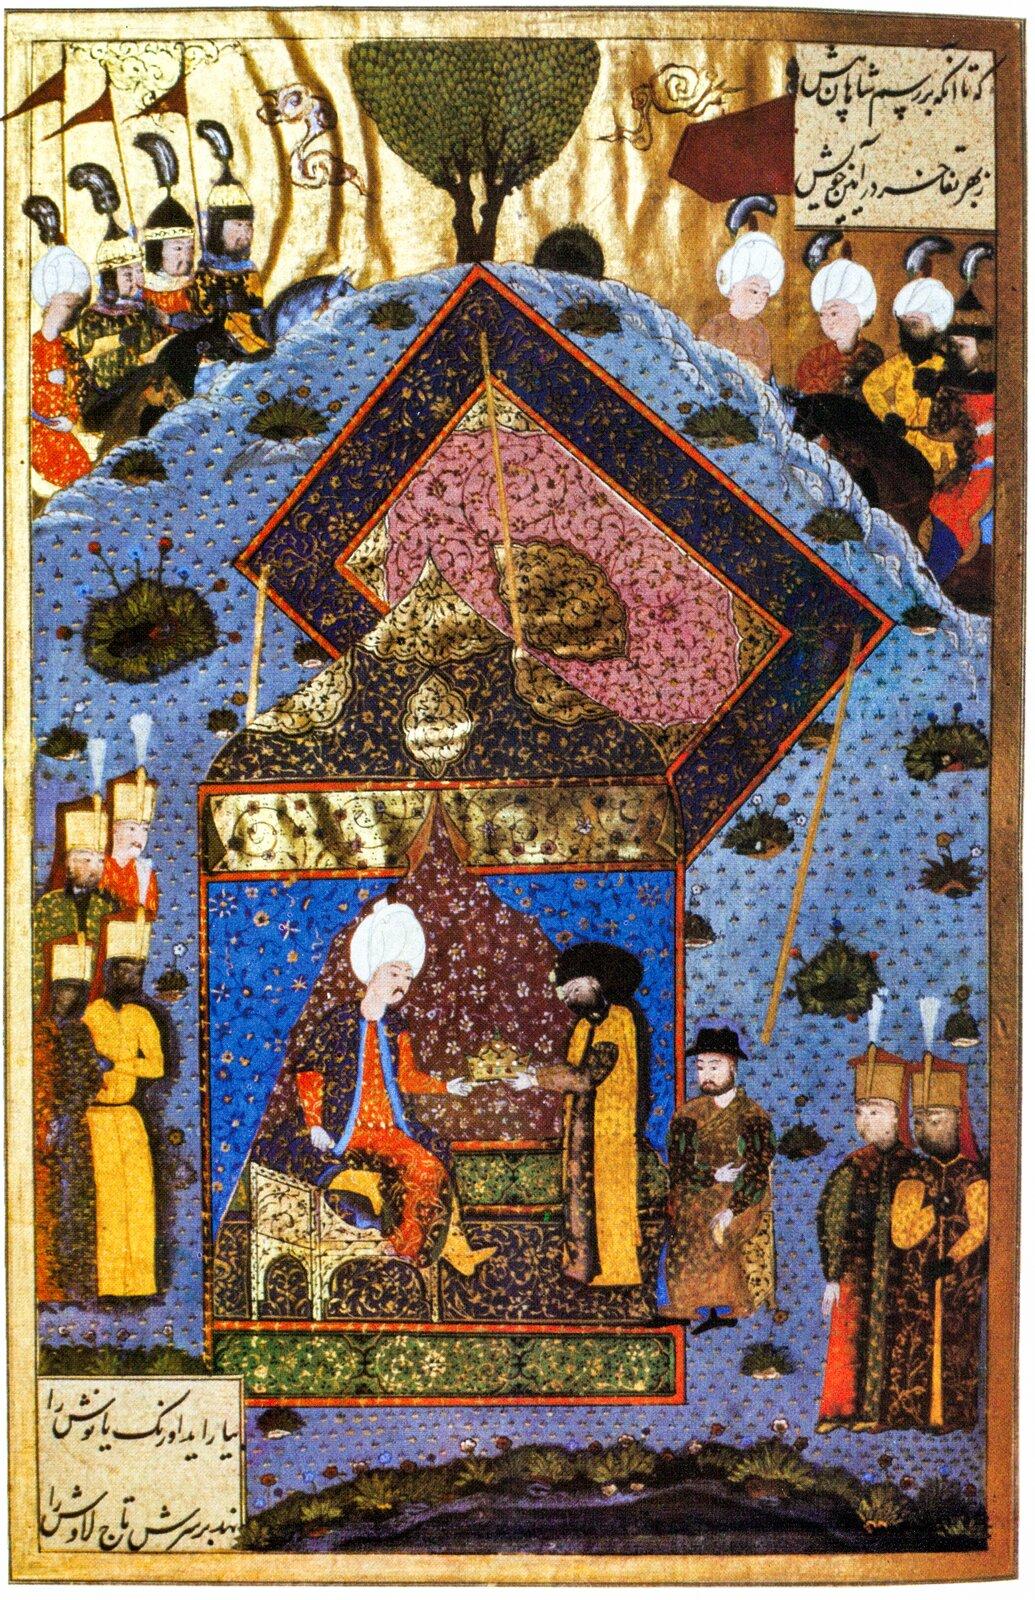 Sułtan Sulejman Wspaniały przekazuje koronę św. Stefana, symbol królów Węgier, Janowi Zapolyi w1528 r. Sulejman Wspaniały, sułtan osmański, po bitwie pod Mohaczem sprzymierzył się zJanem Zapolyą ipomógł mu uzyskać tron węgierski. Na miniaturze Zapolya otrzymuje zrąk sułtanakoronę św. Stefana - symbol królów Węgier. Źródło: artysta nieznany, Sułtan Sulejman Wspaniały przekazuje koronę św. Stefana, symbol królów Węgier, Janowi Zapolyi w1528 r., XVI wiek, Topkapi Palace Museum, domena publiczna.